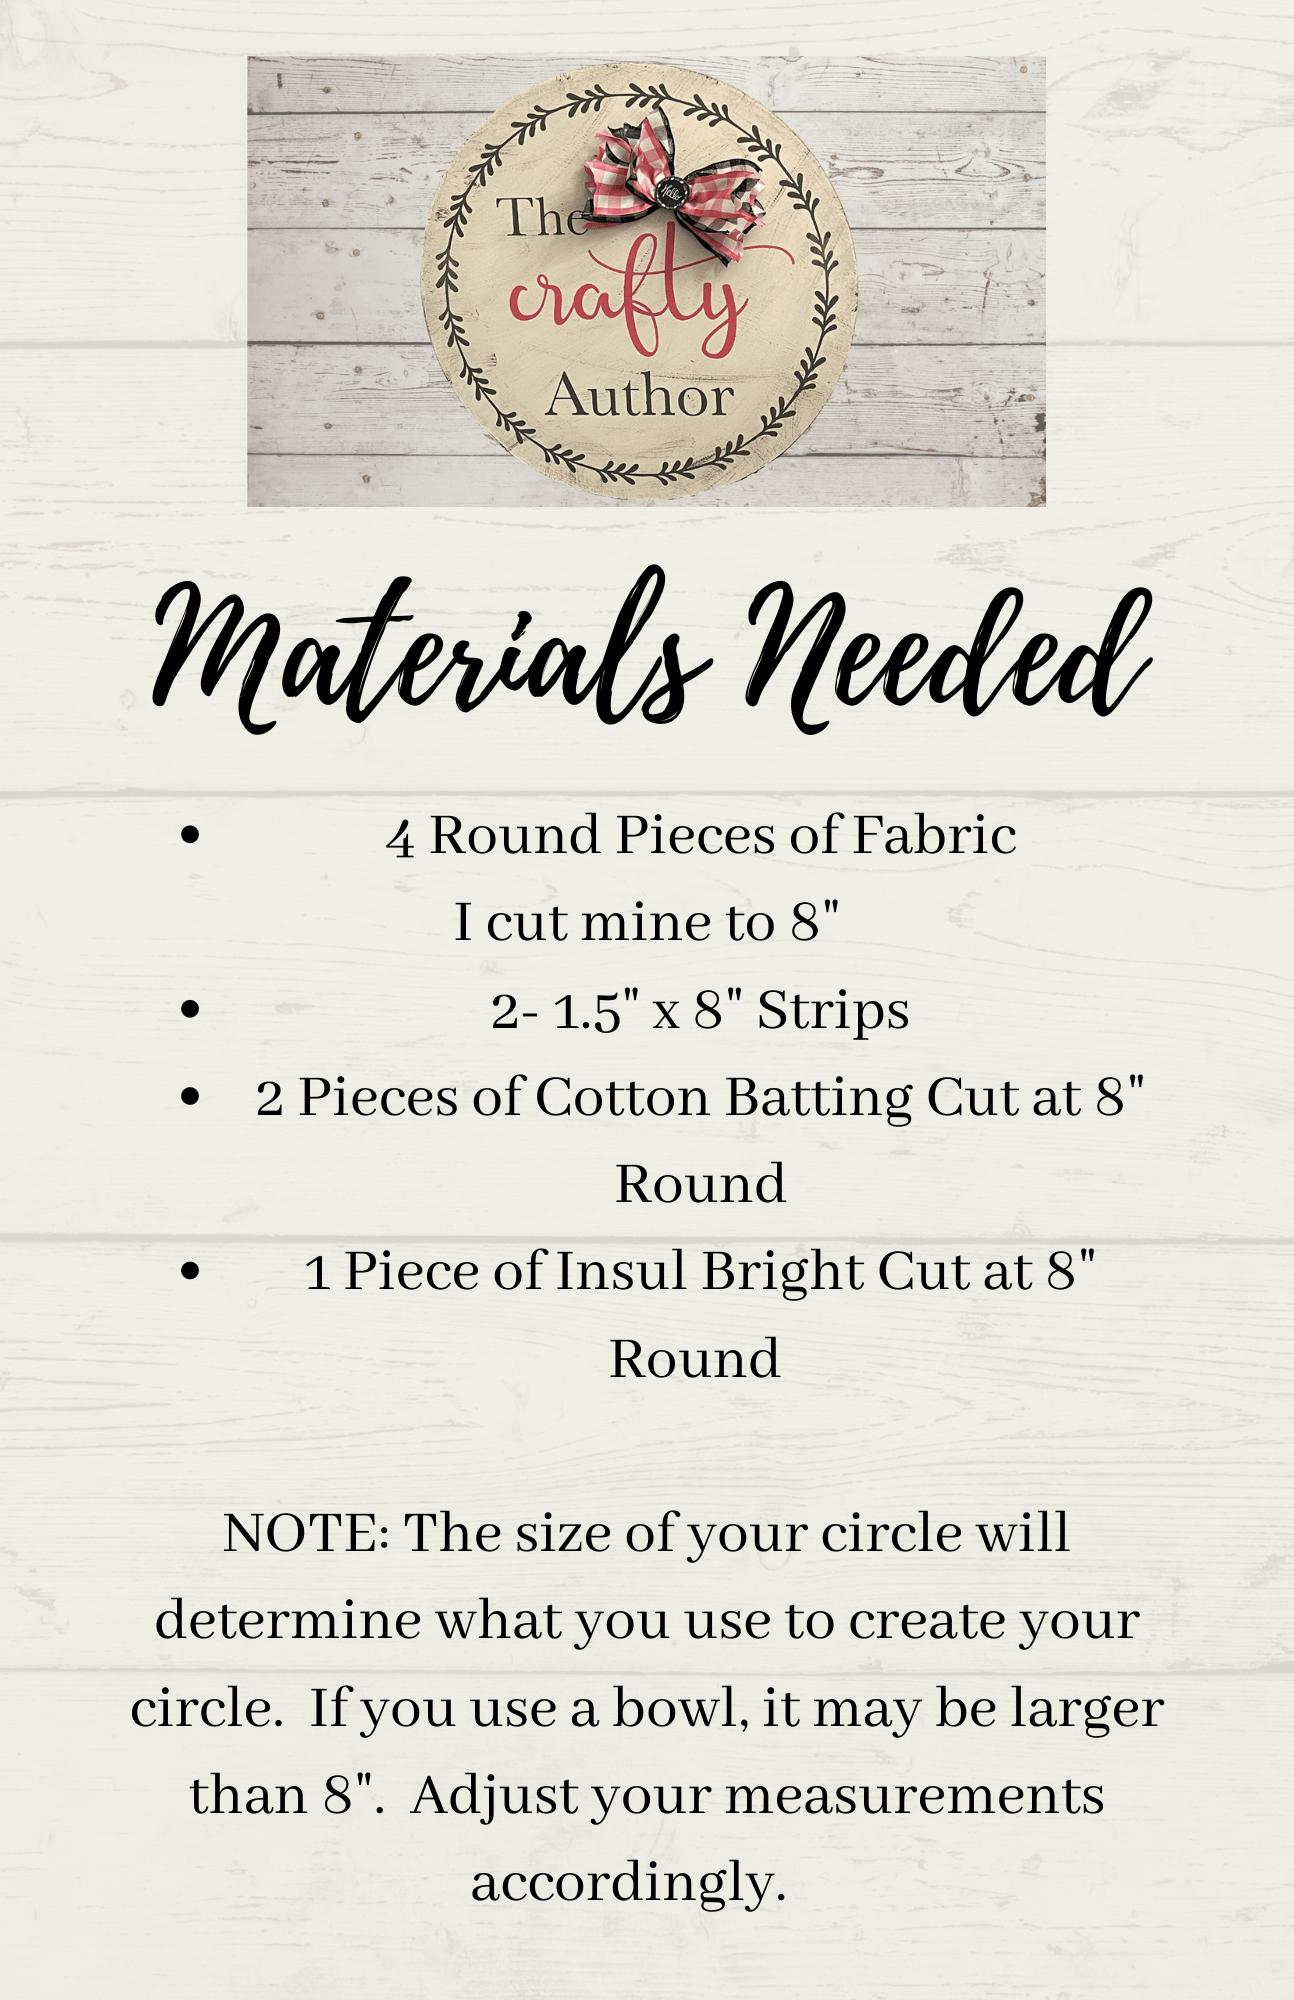 Pot Holder Materials Needed